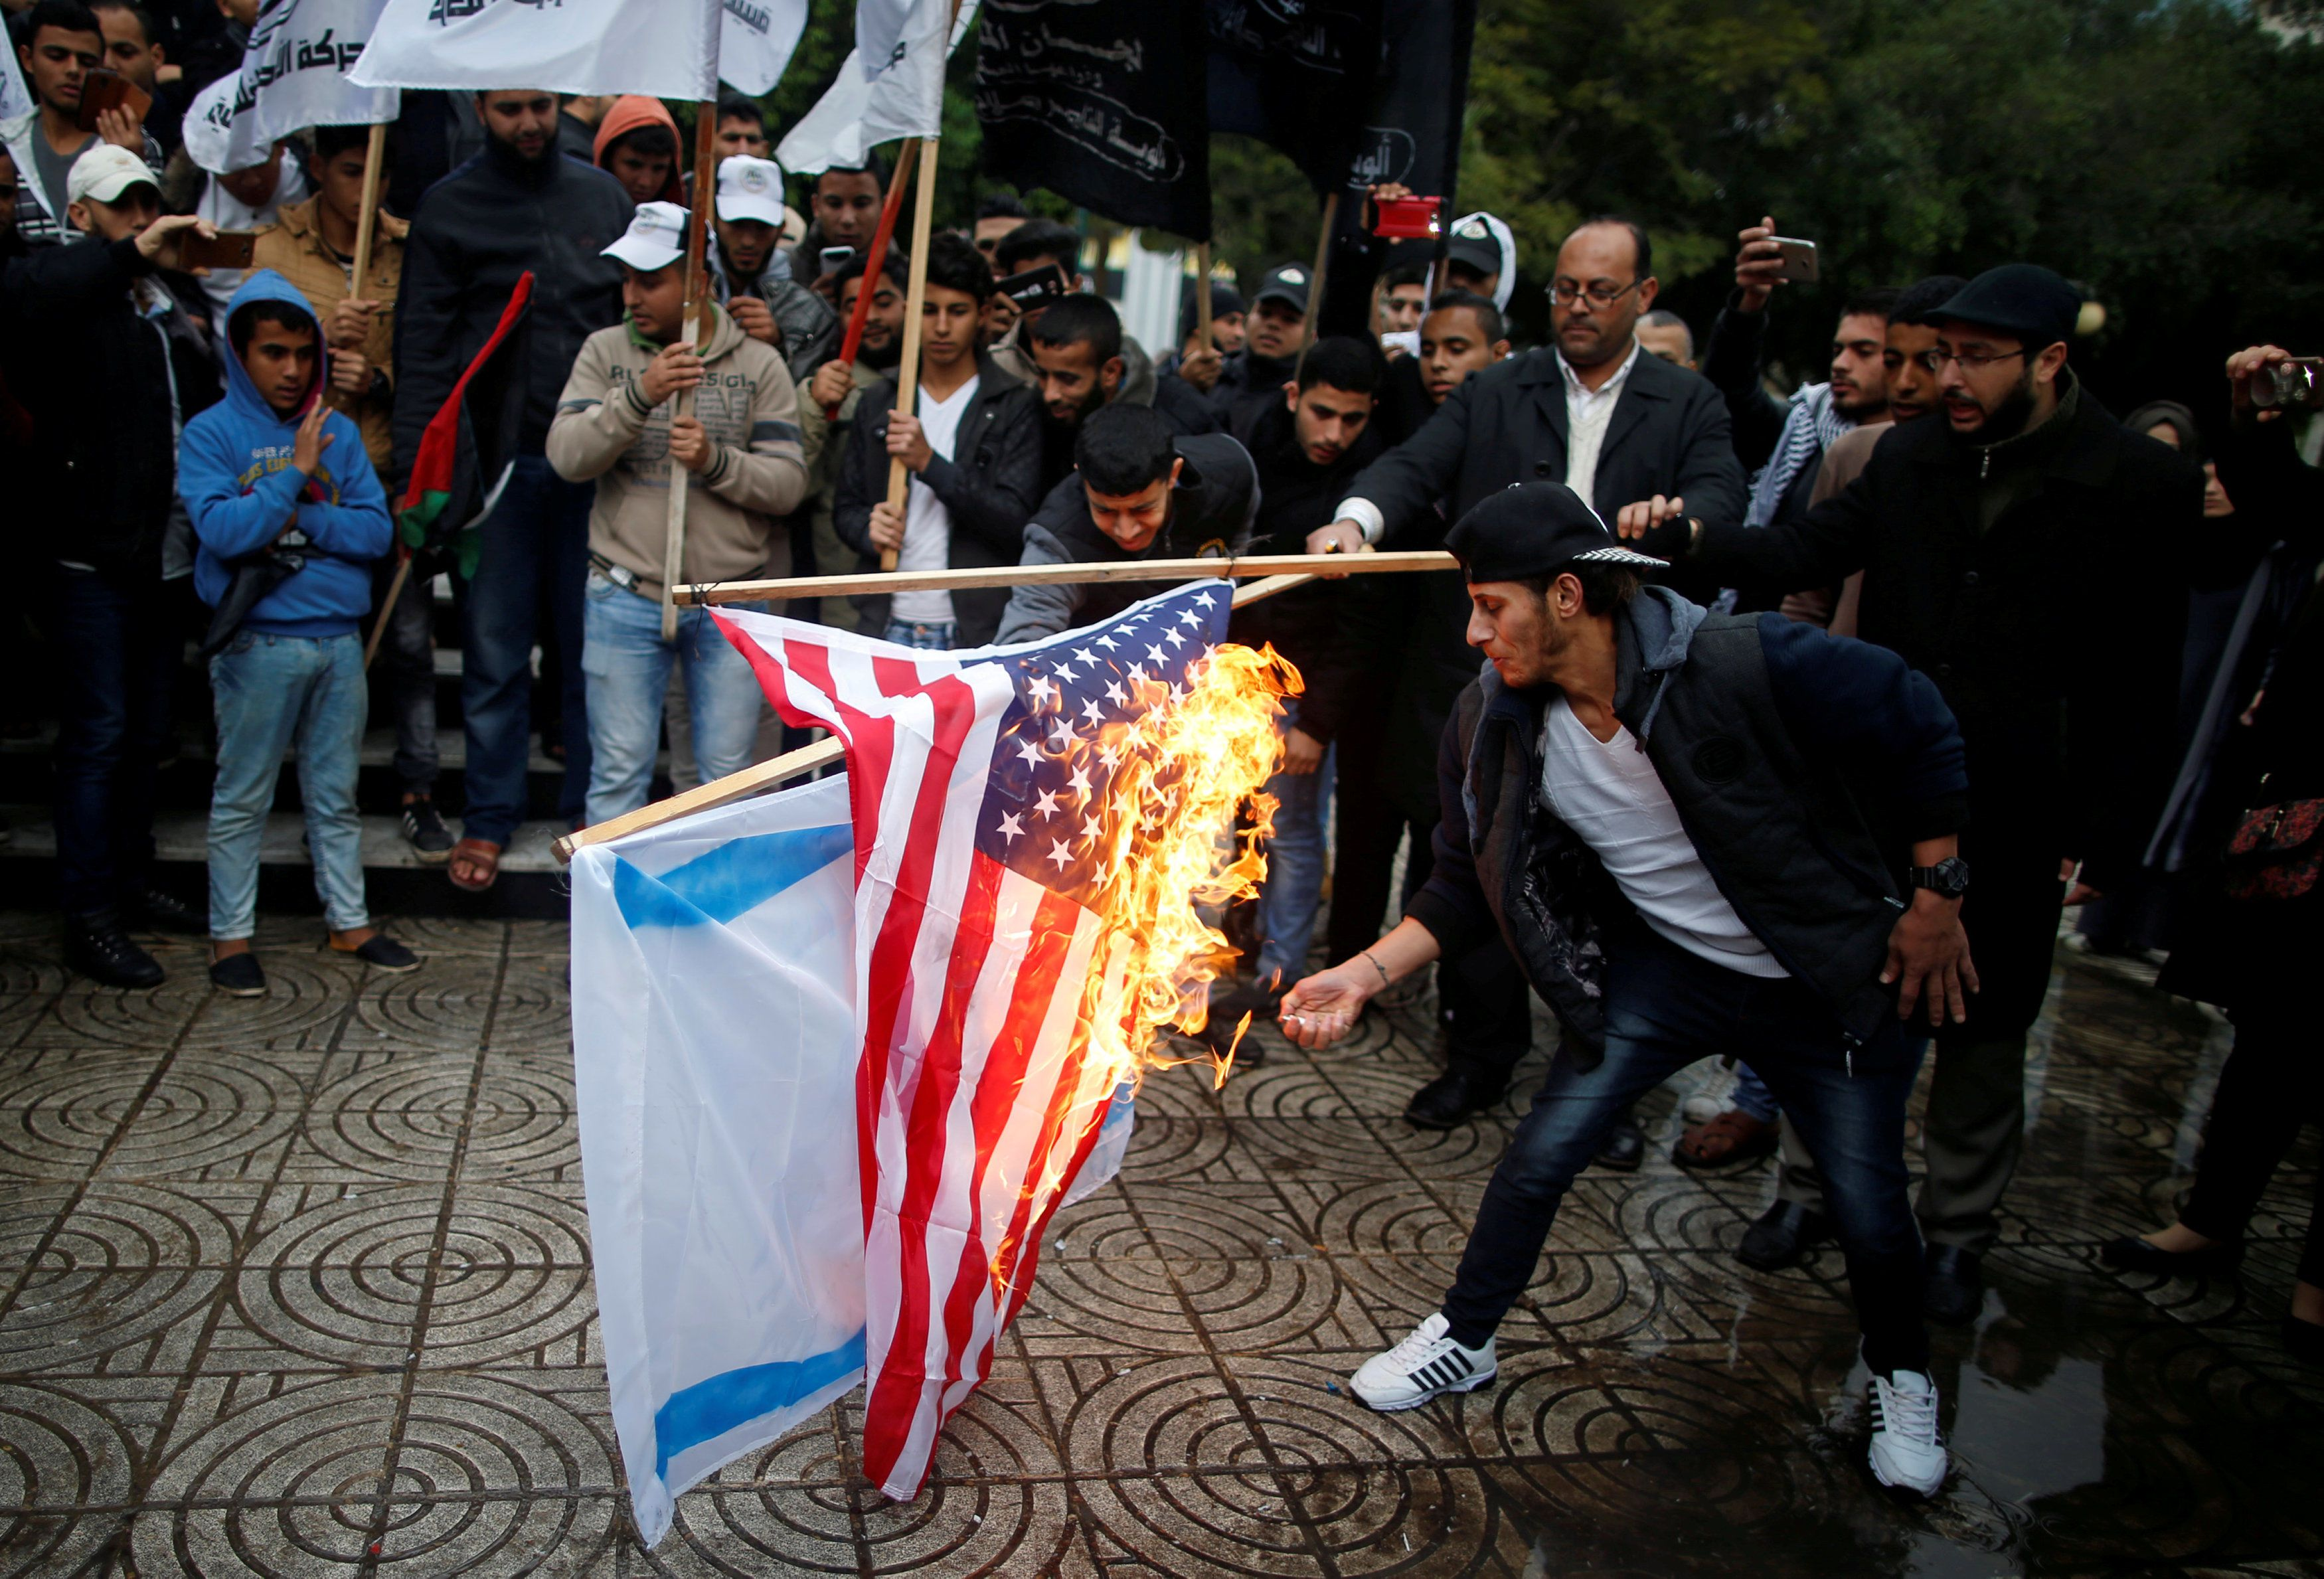 Перенесення посольства США до Єрусалиму_4